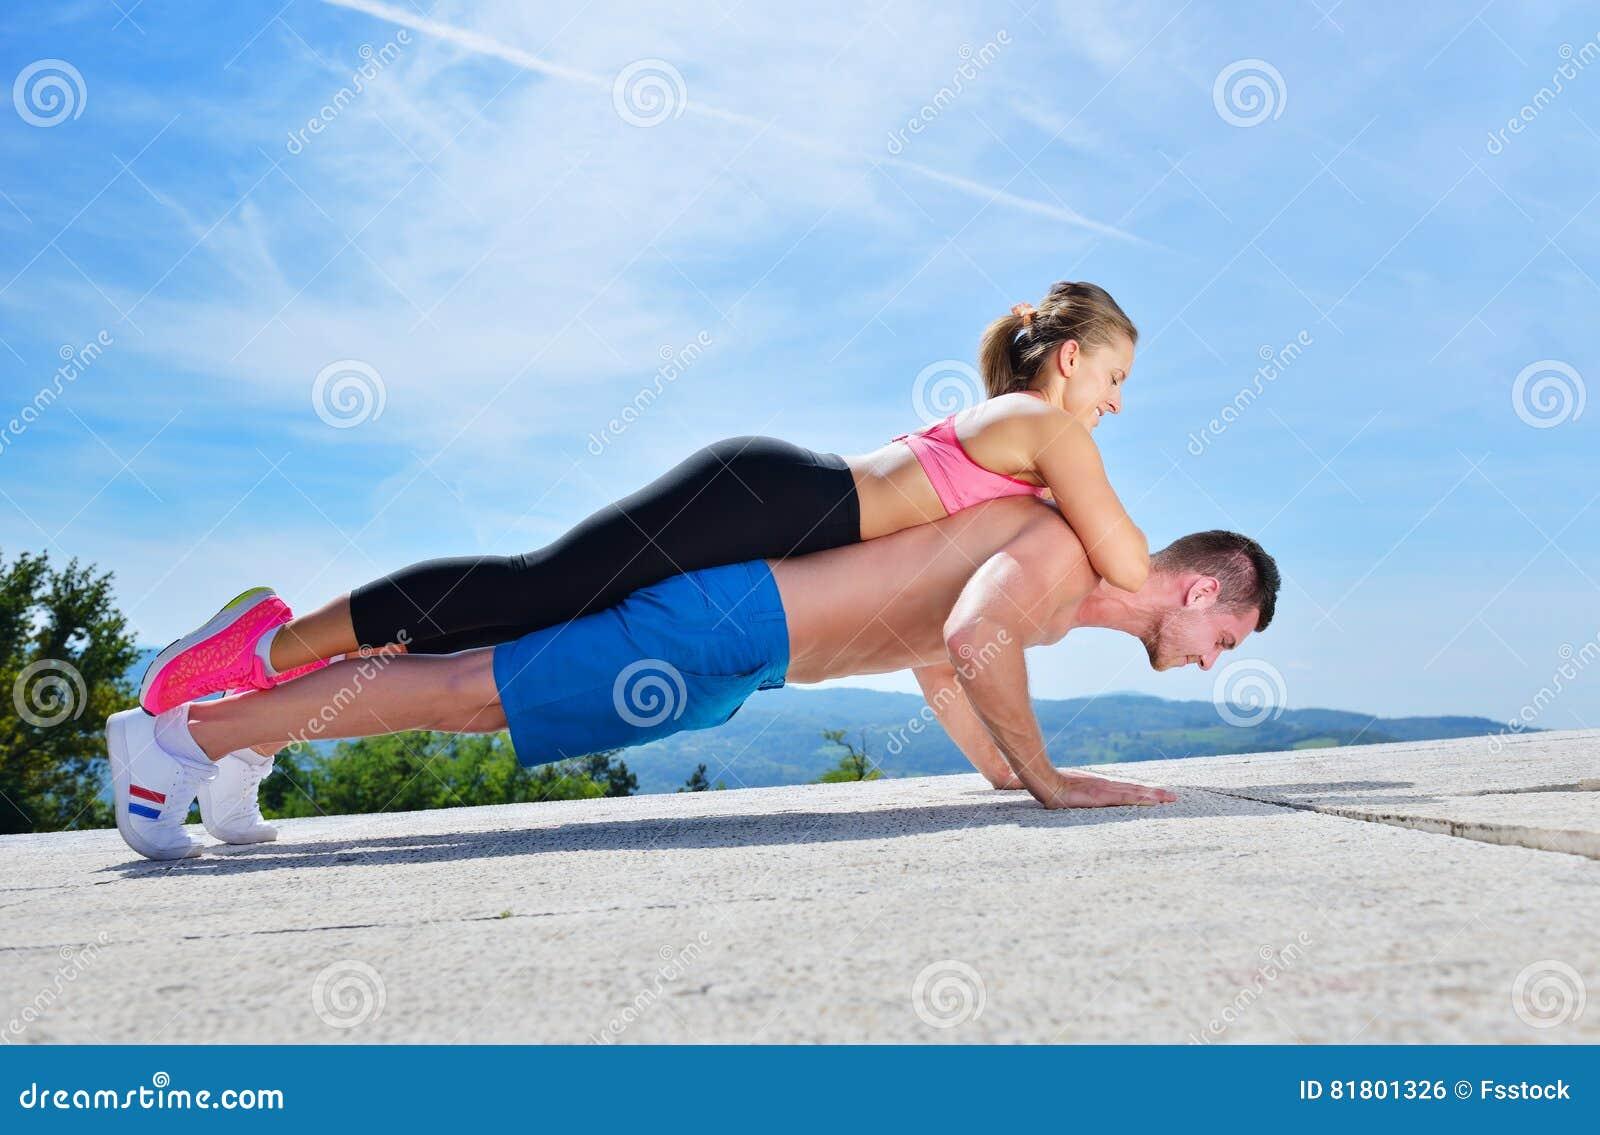 Активный молодой человек и женщина работая делать нажимают поднимают